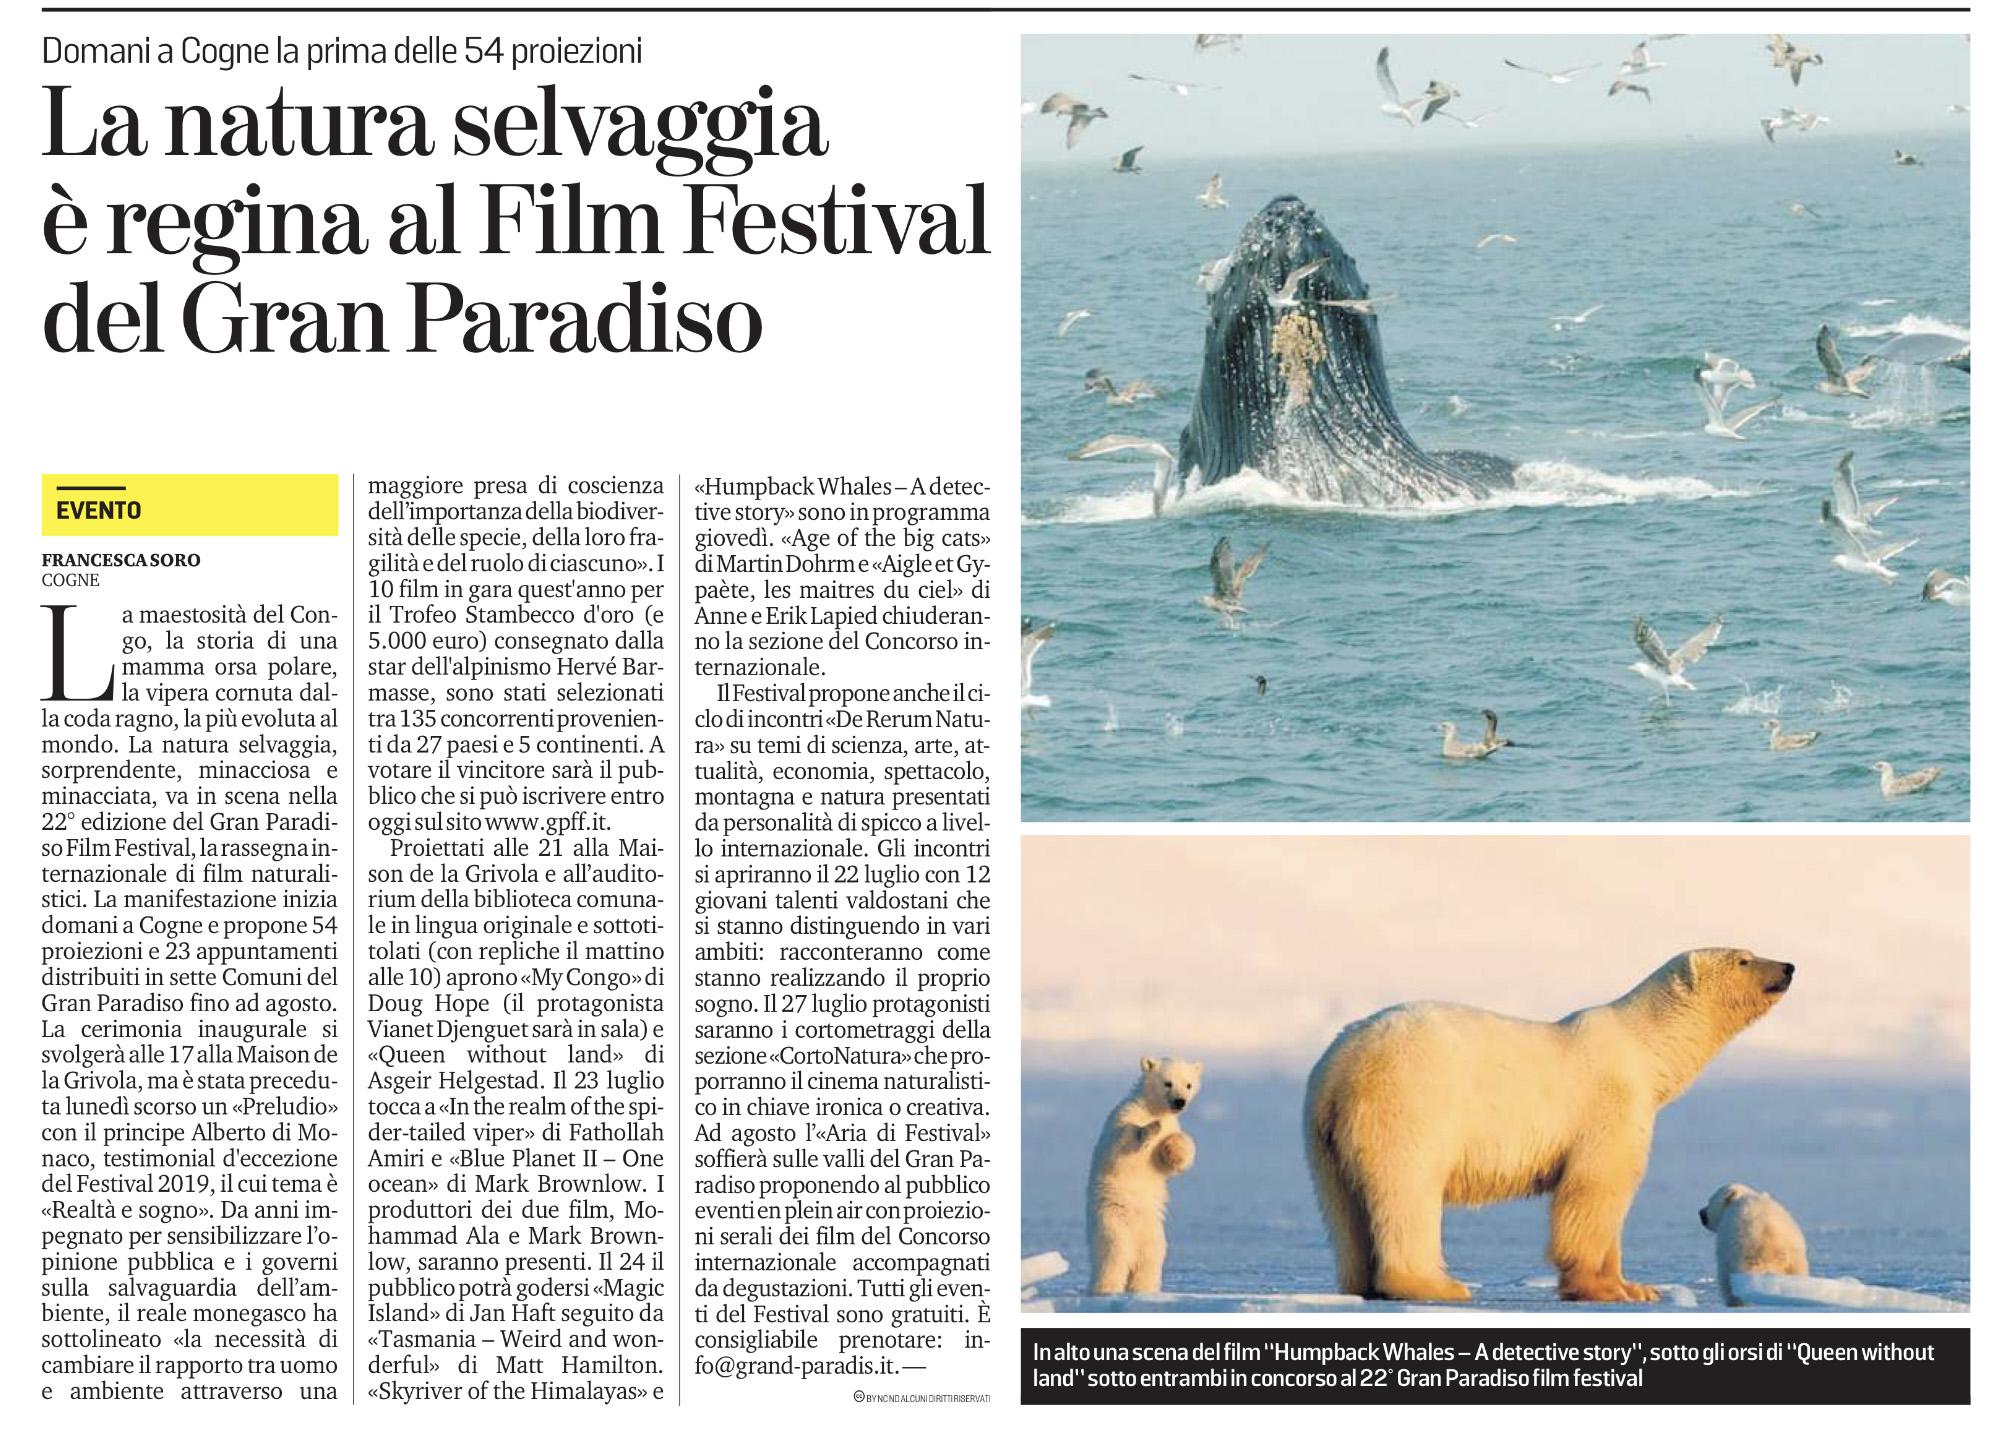 La natura selvaggia è regina al Film Festival del Gran Paradiso